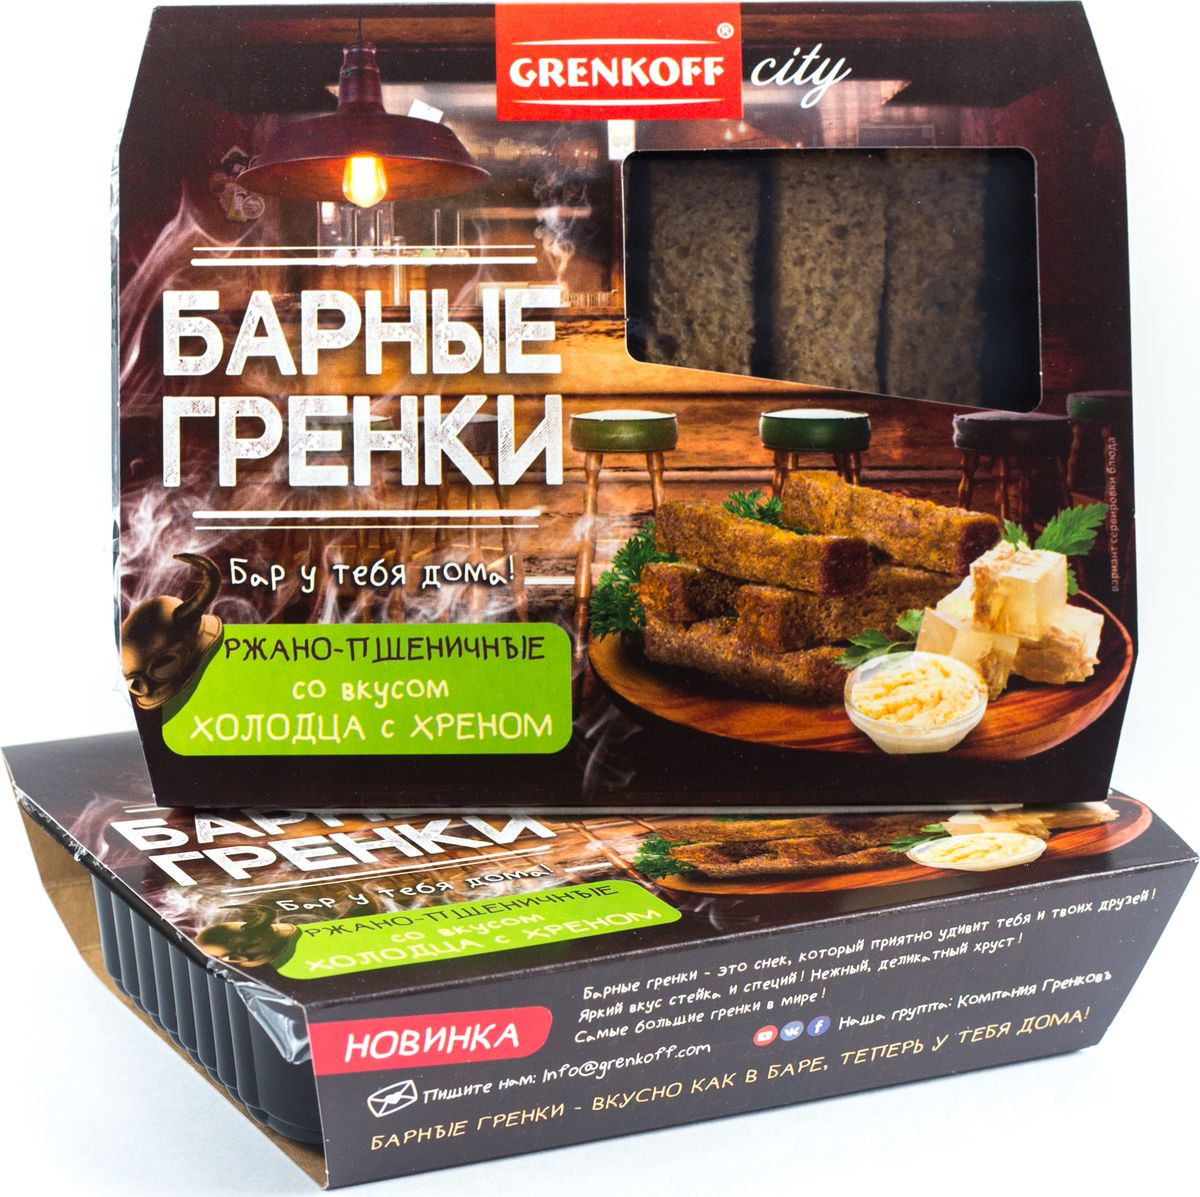 Сухарики Гренковъ, барные гренки ржано-пшеничные, со вкусом холодца и хрена, 70 г гренковъ сухарики ржаные с луком и чесноком 100 г